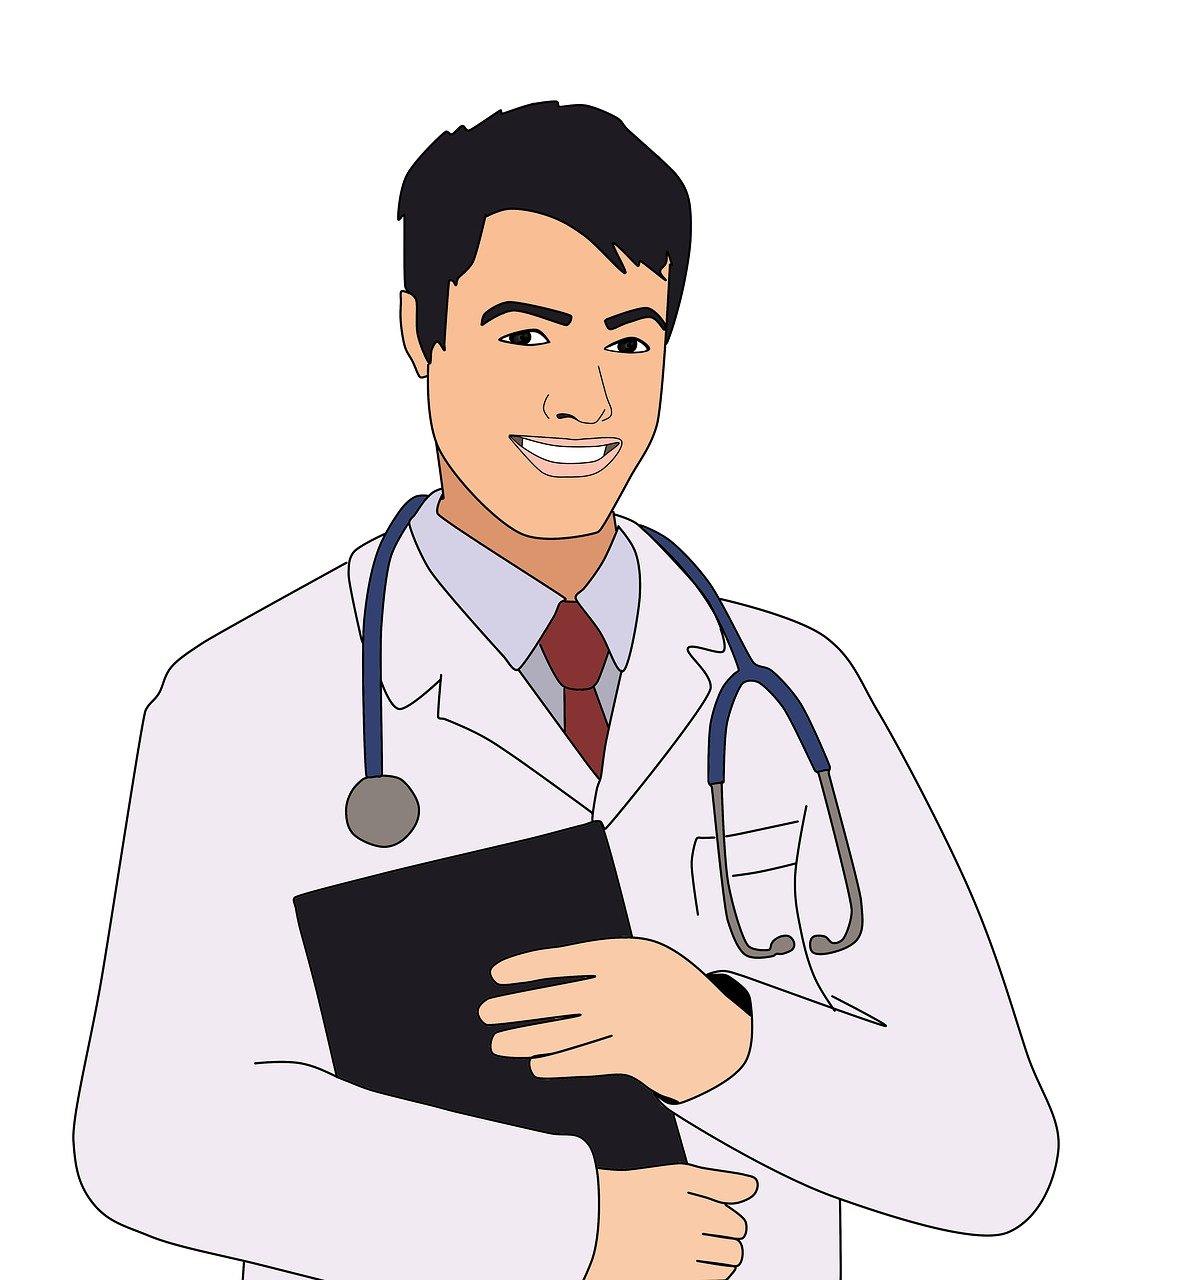 開業医の経営が失敗するたった1つの理由とは?コロナに負けない診療所経営法